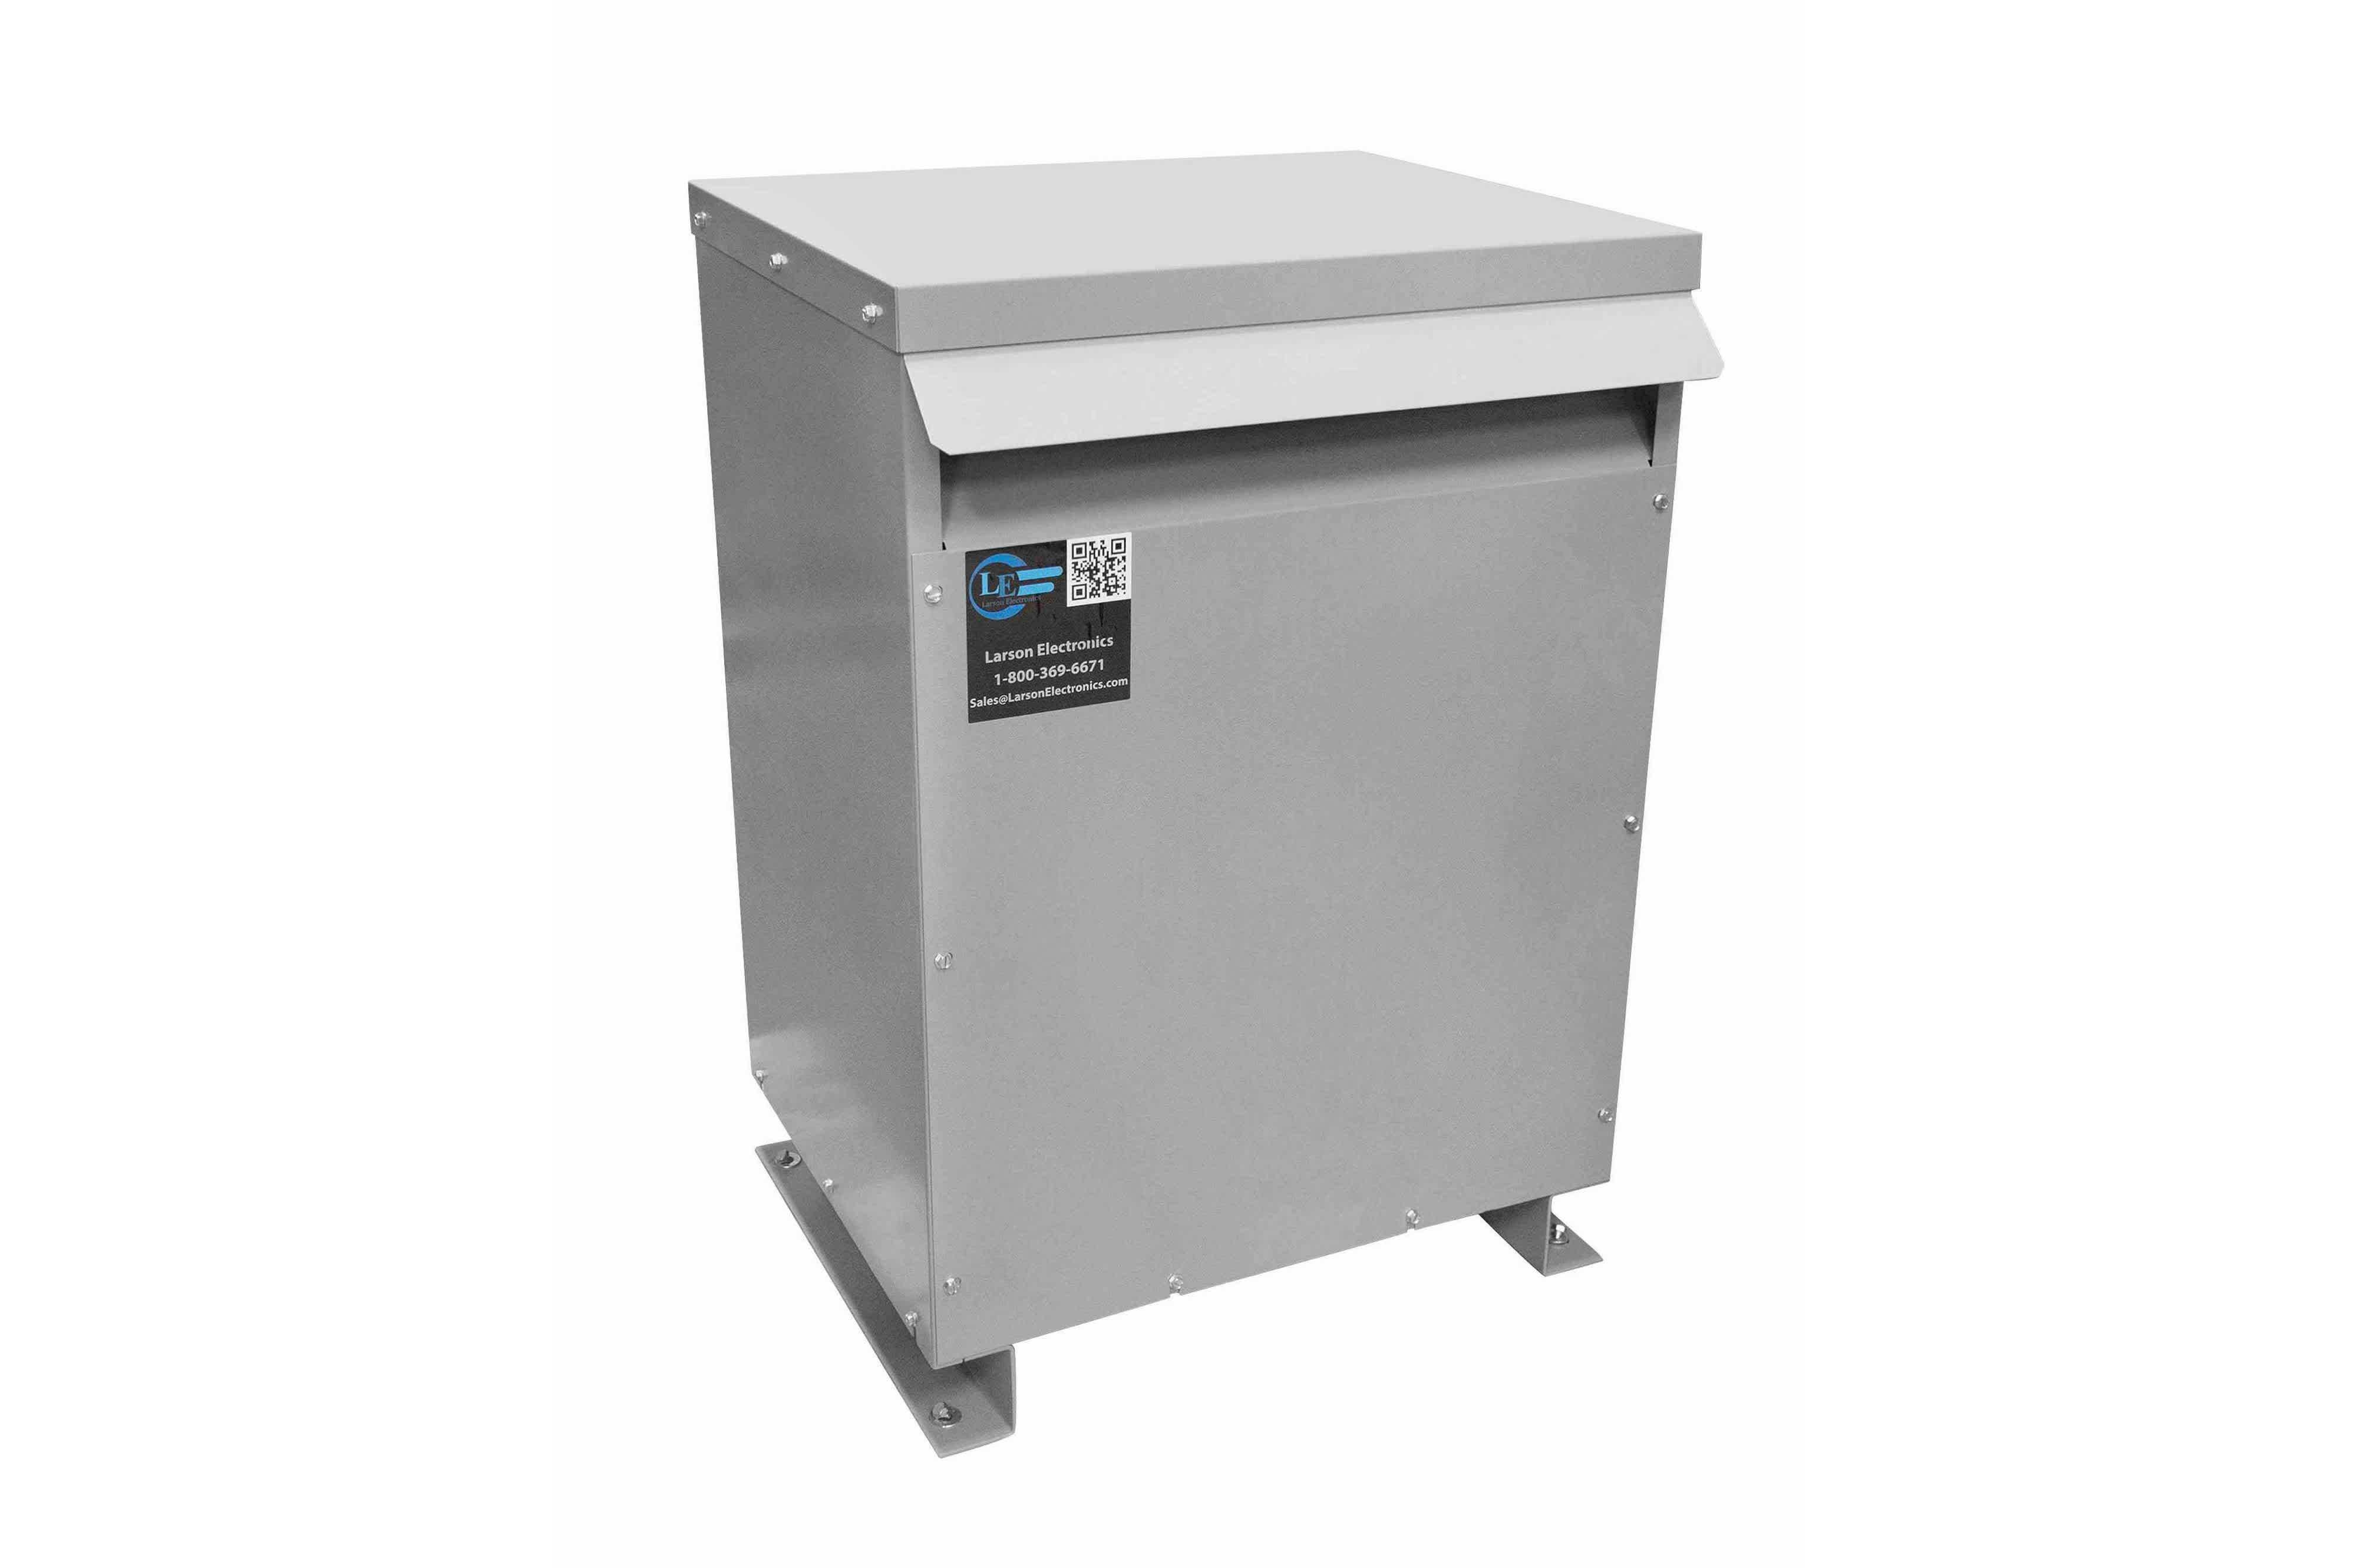 14 kVA 3PH Isolation Transformer, 480V Delta Primary, 400V Delta Secondary, N3R, Ventilated, 60 Hz